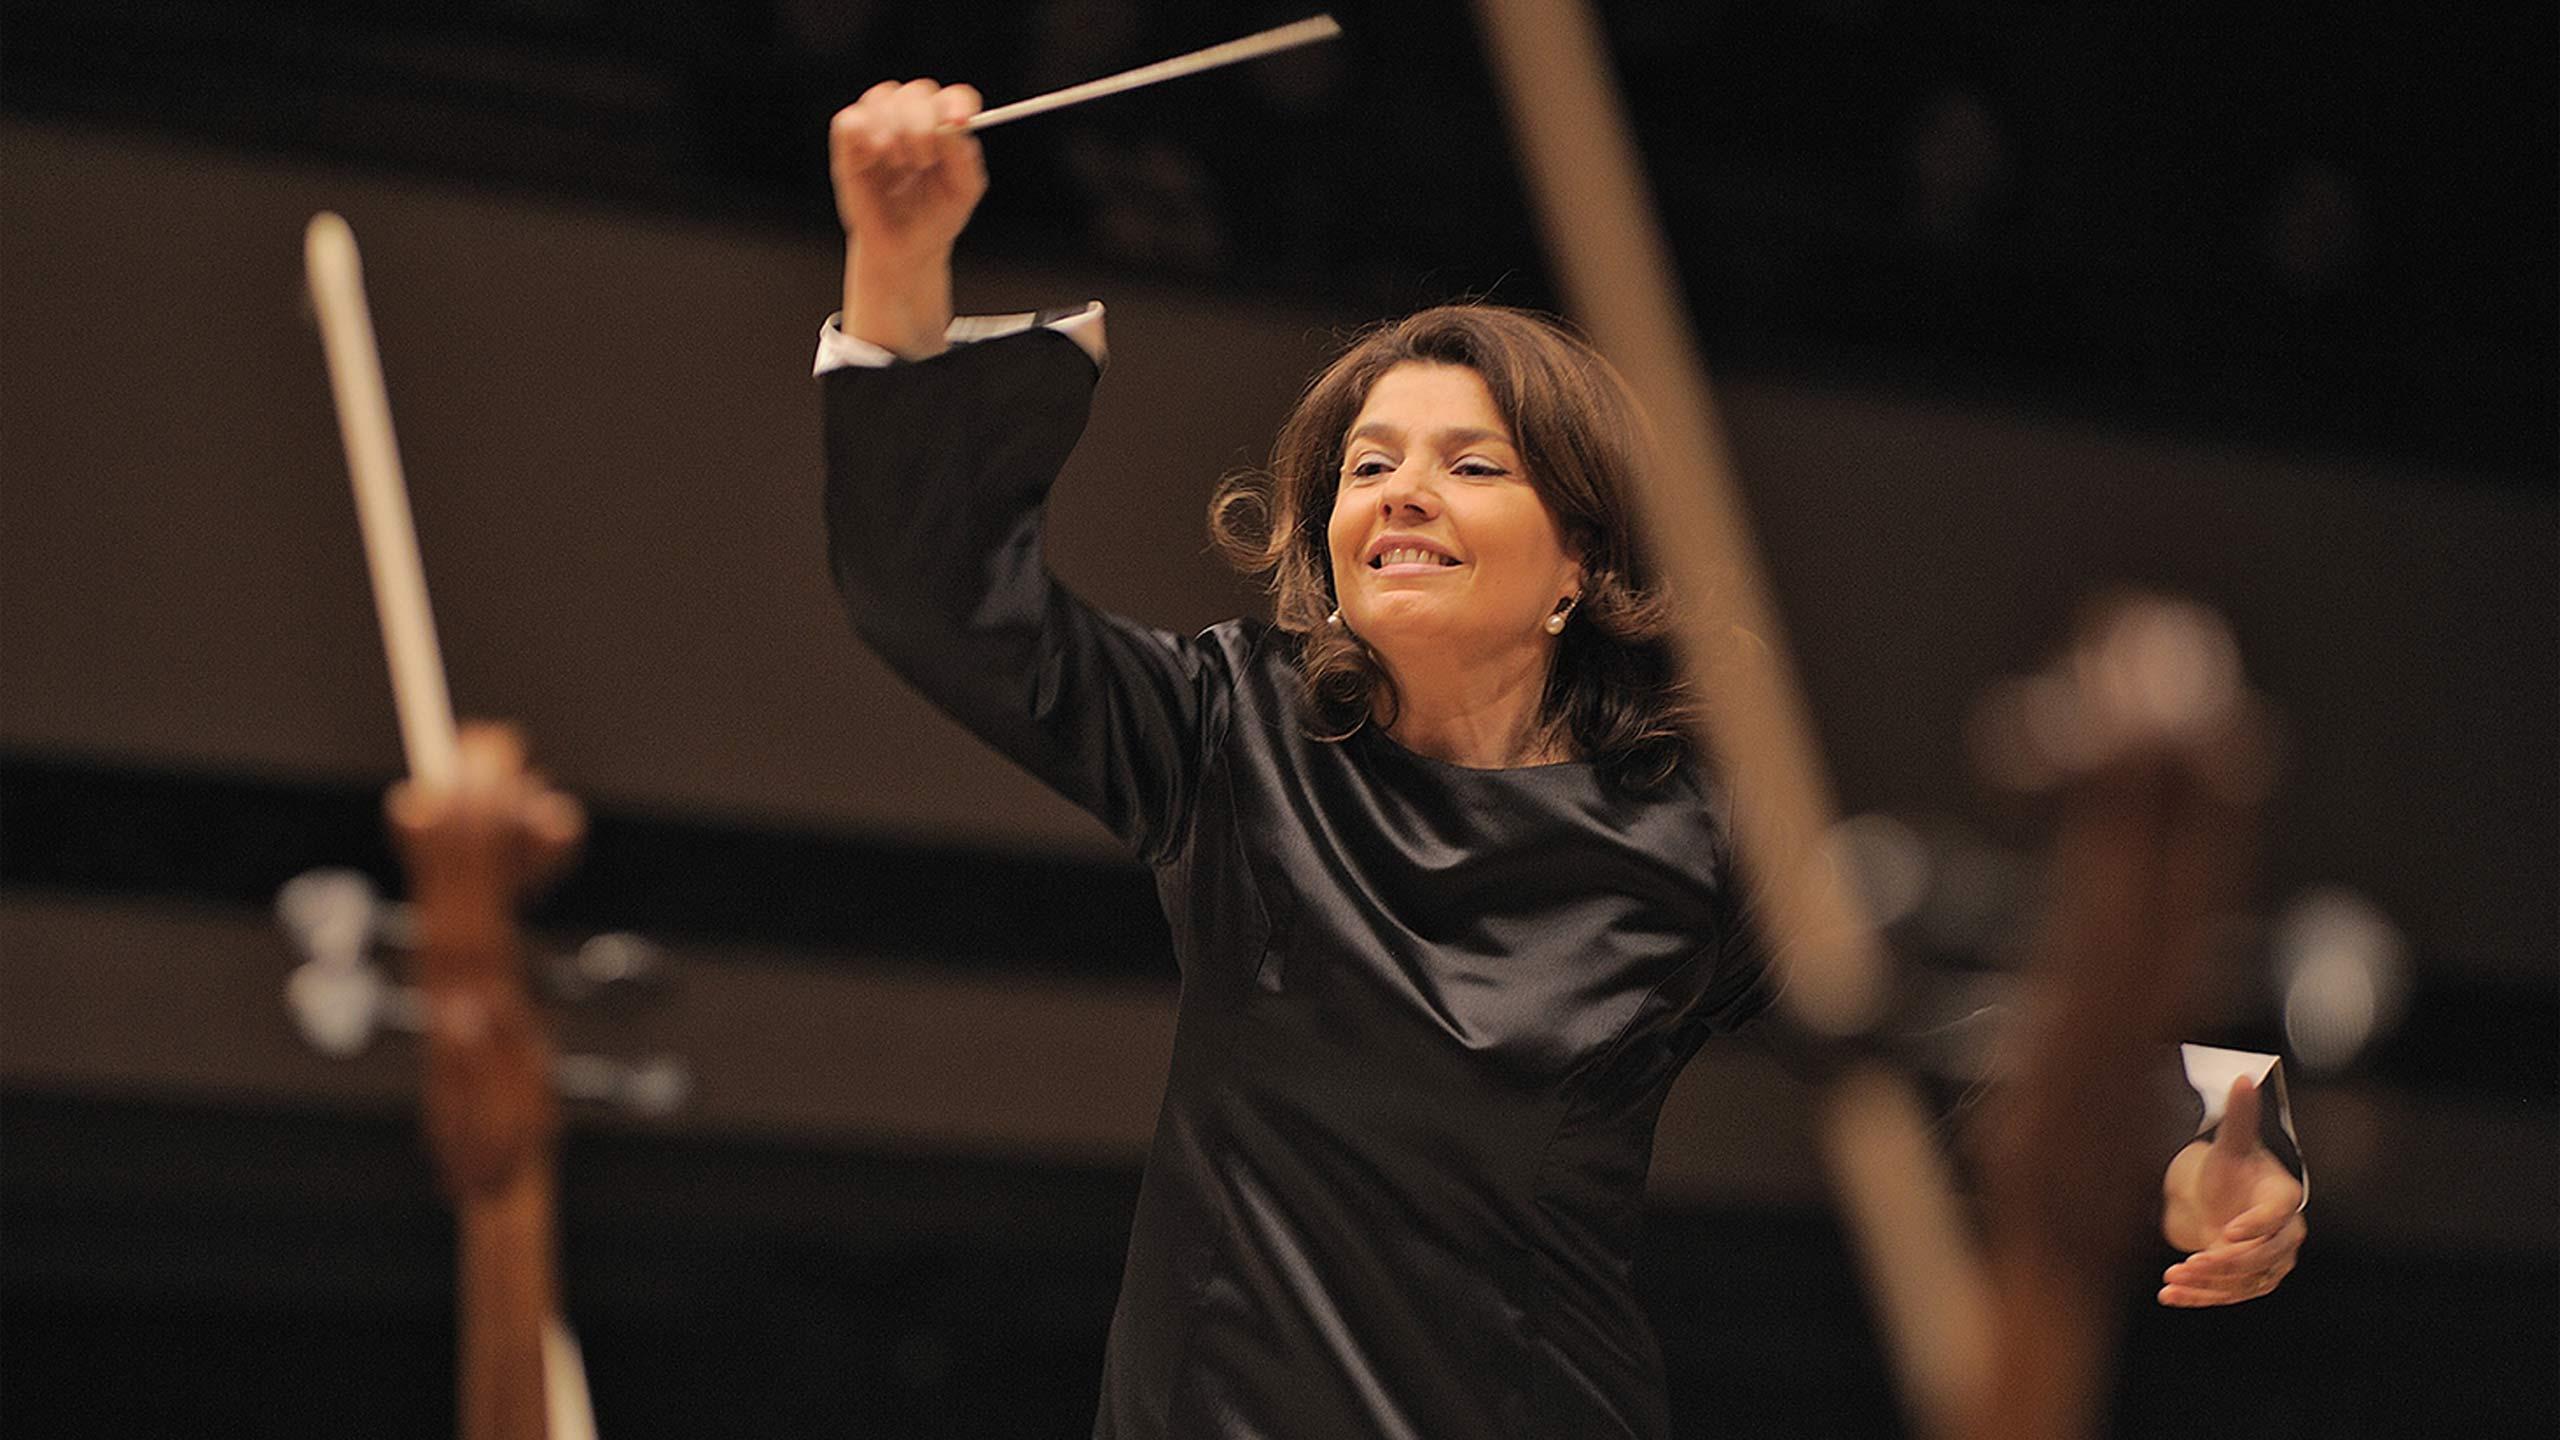 Ljubka Biagioni zu Guttenbeg hat ihre Ausbildung als Chor- und Orchesterdirigentin mit Auszeichnung bestanden und hat bereits zahl-reiche internationale Konzerte dirigiert. © Ljubka Biagioni zu Guttenbeg